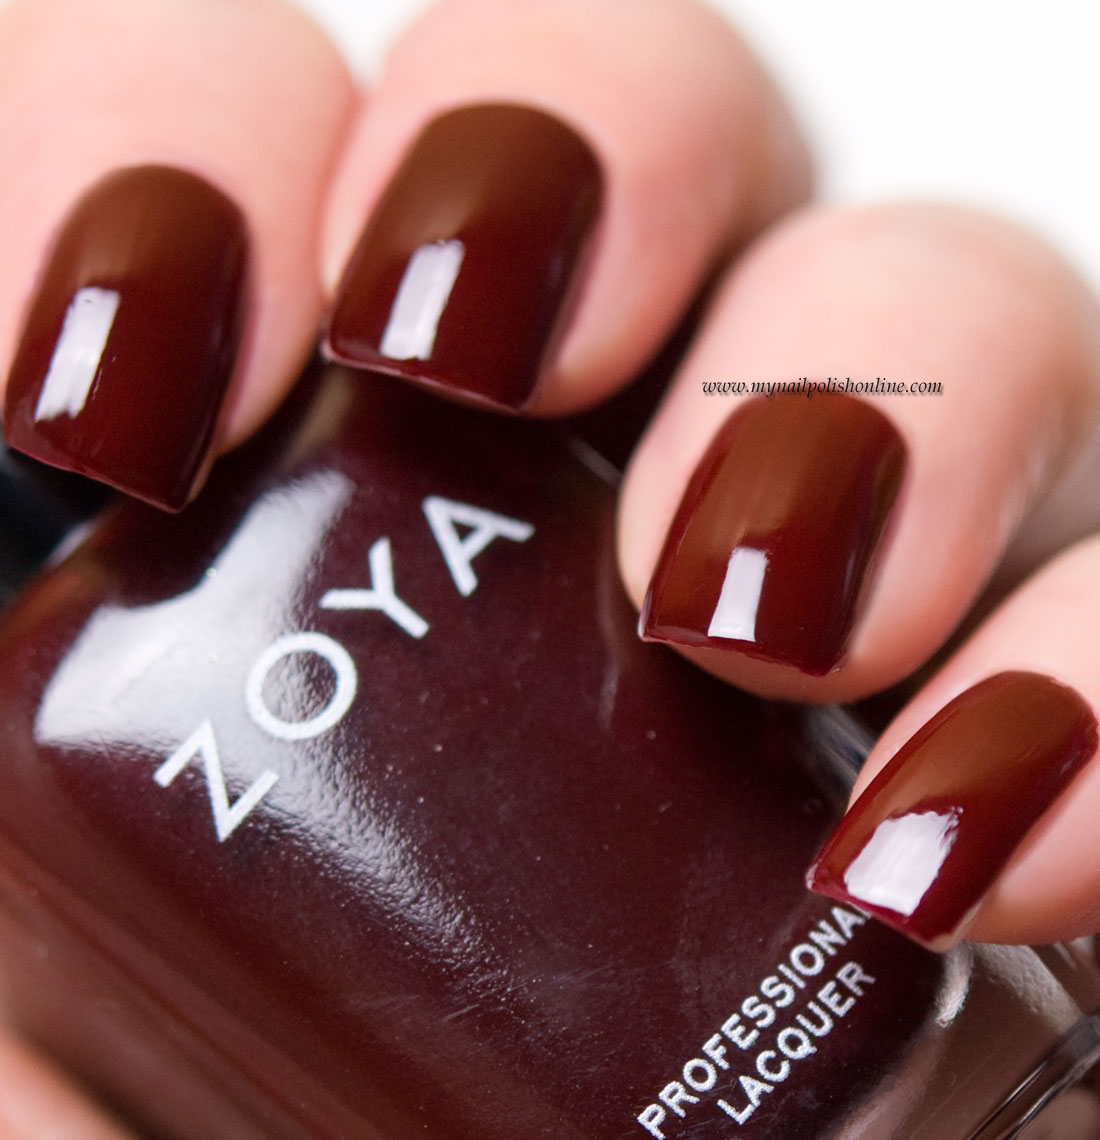 Zoya - Courtney